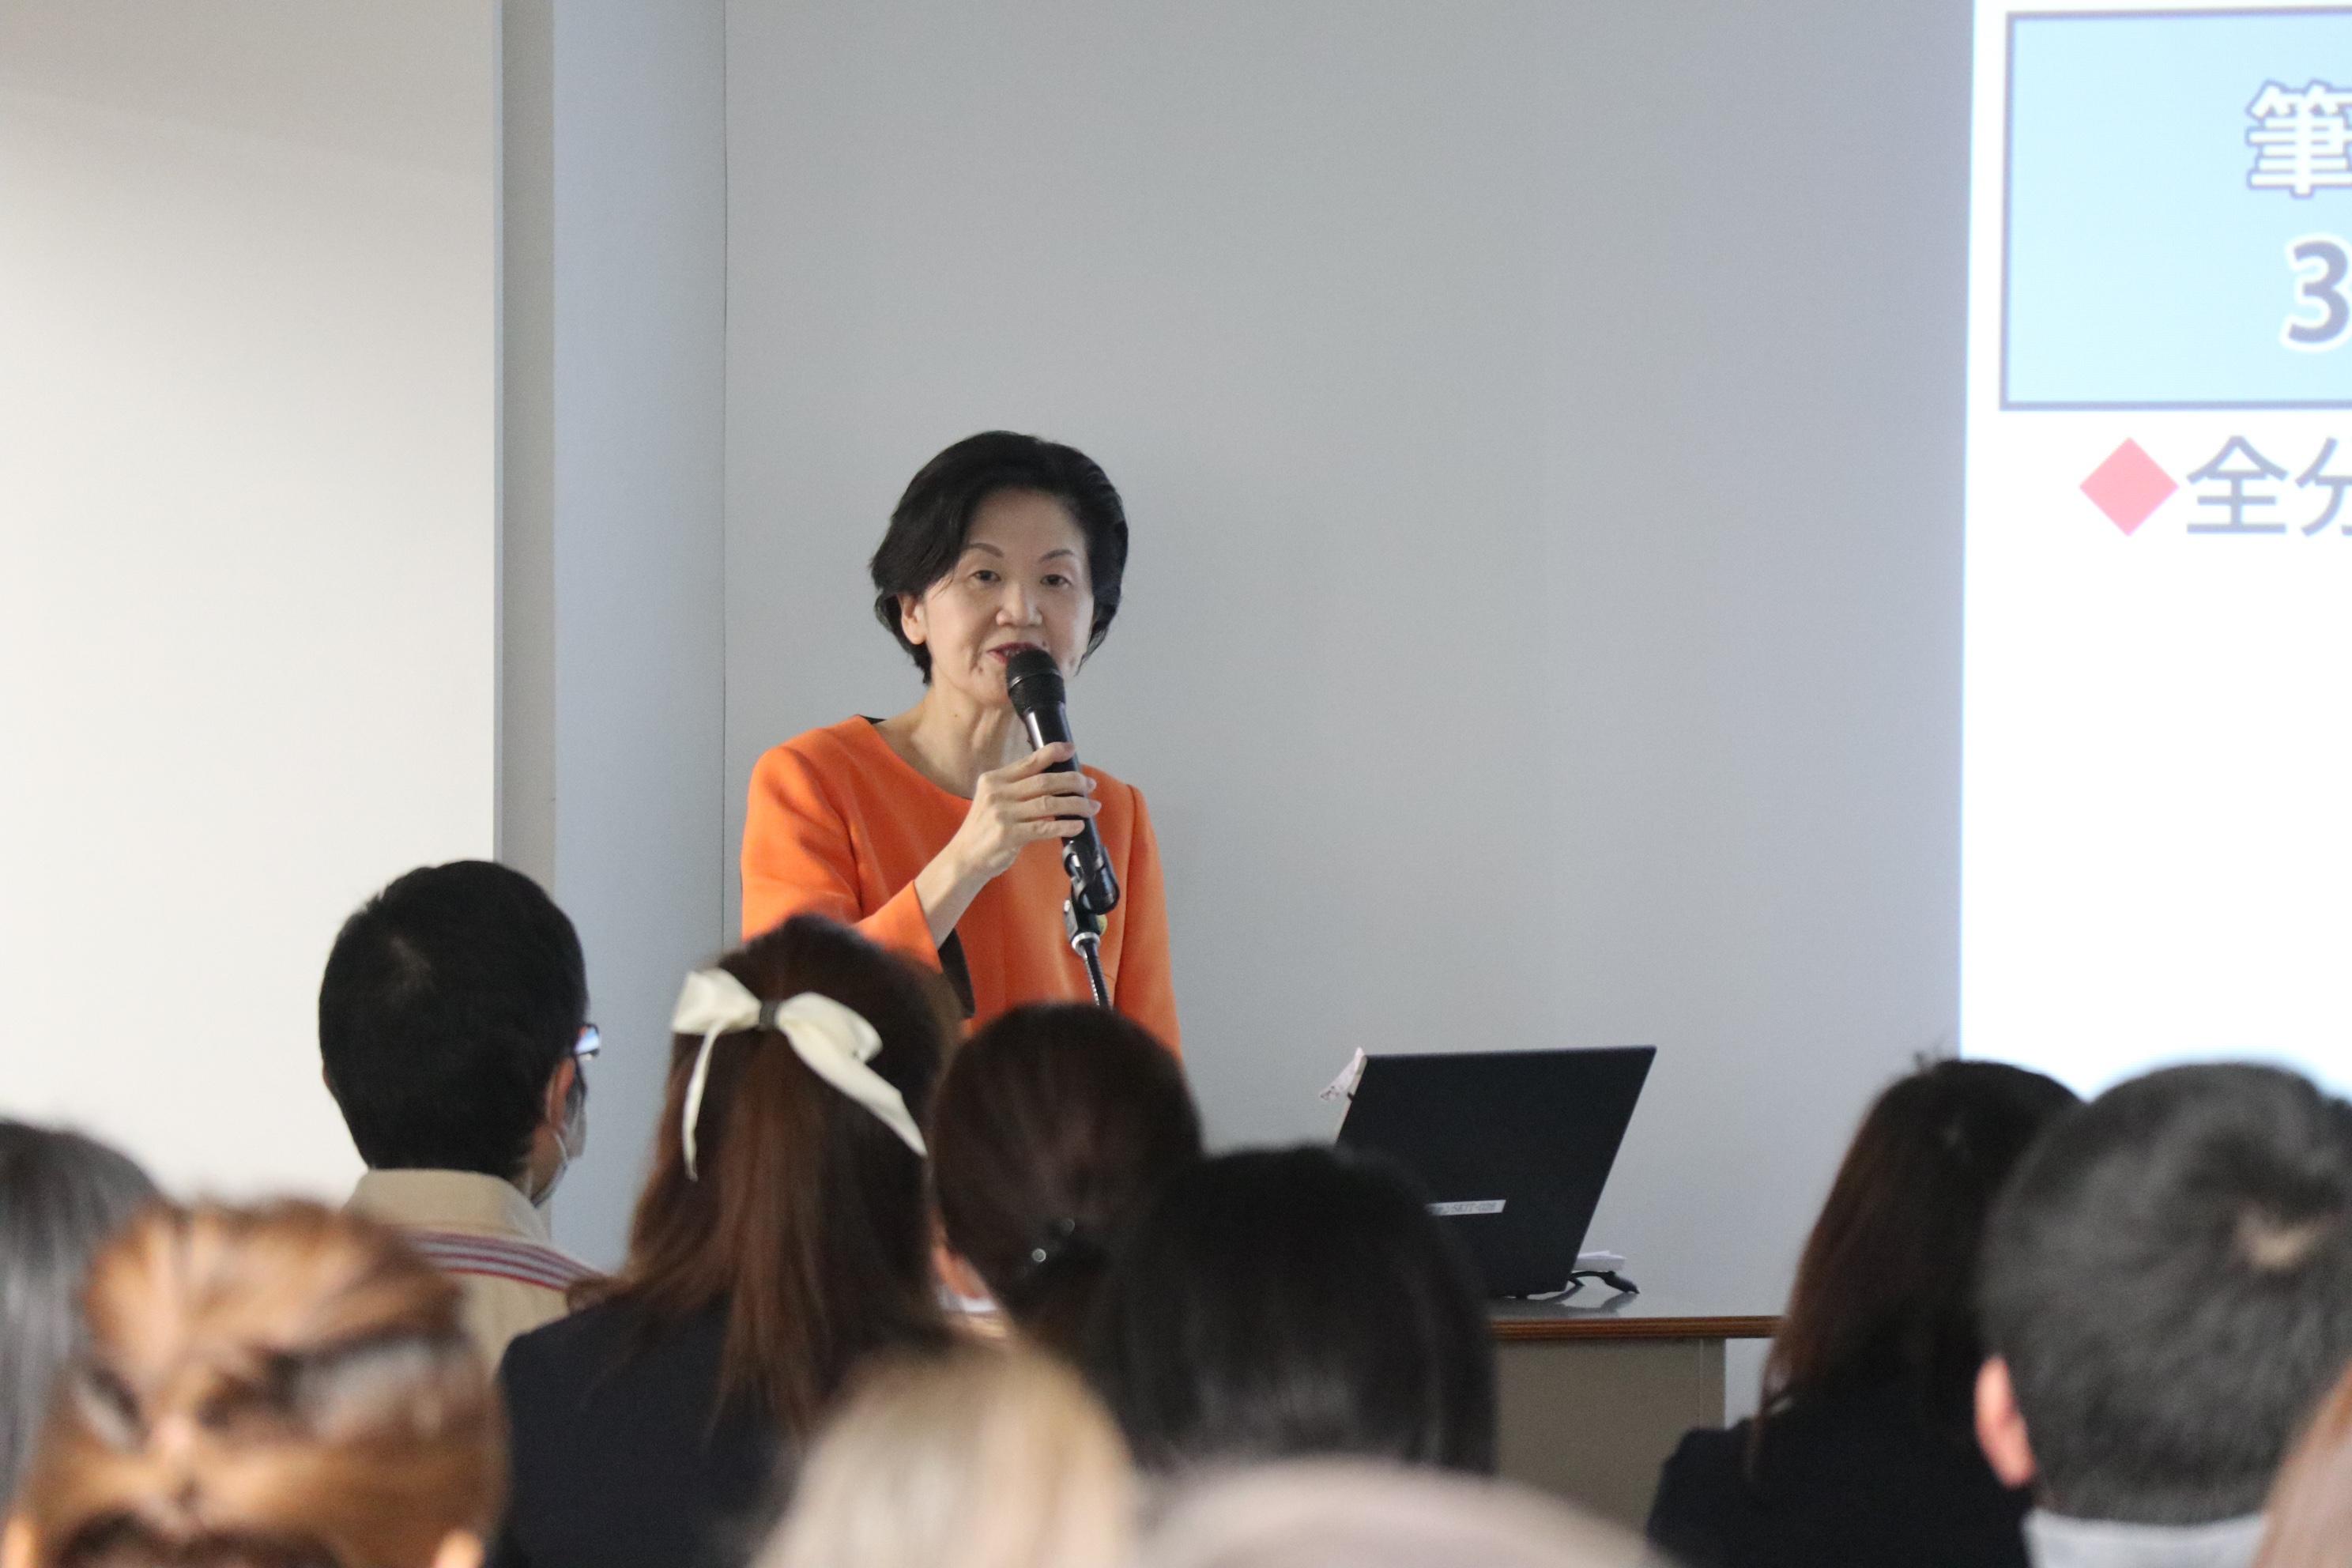 エコール・ドゥ・アンファン小学校受験部 統括責任者 田島良乃 講演の様子